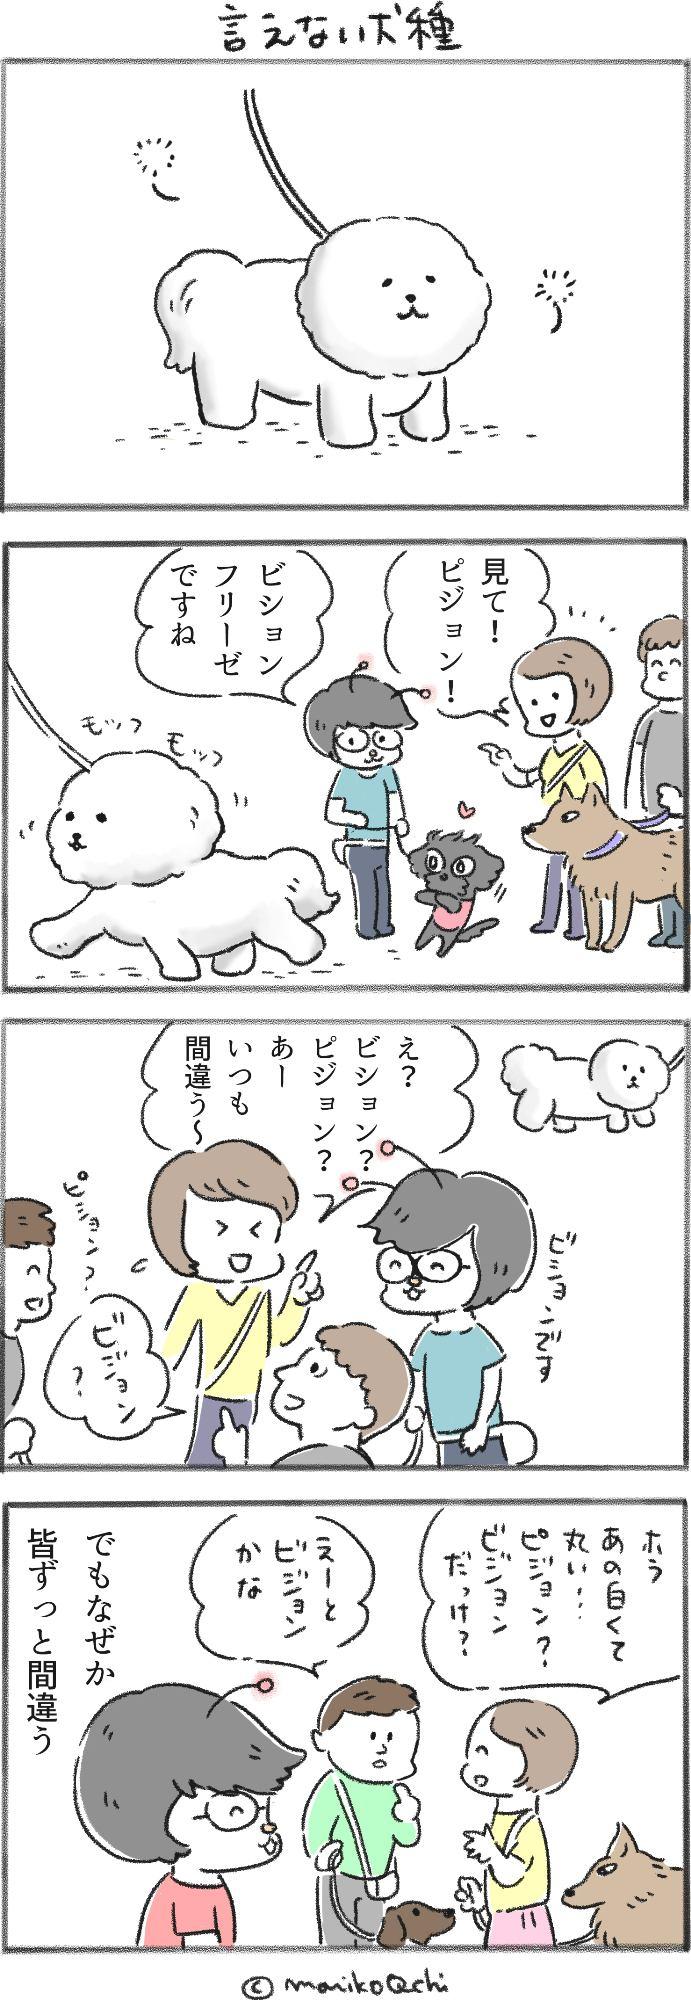 犬と暮らせば第15話